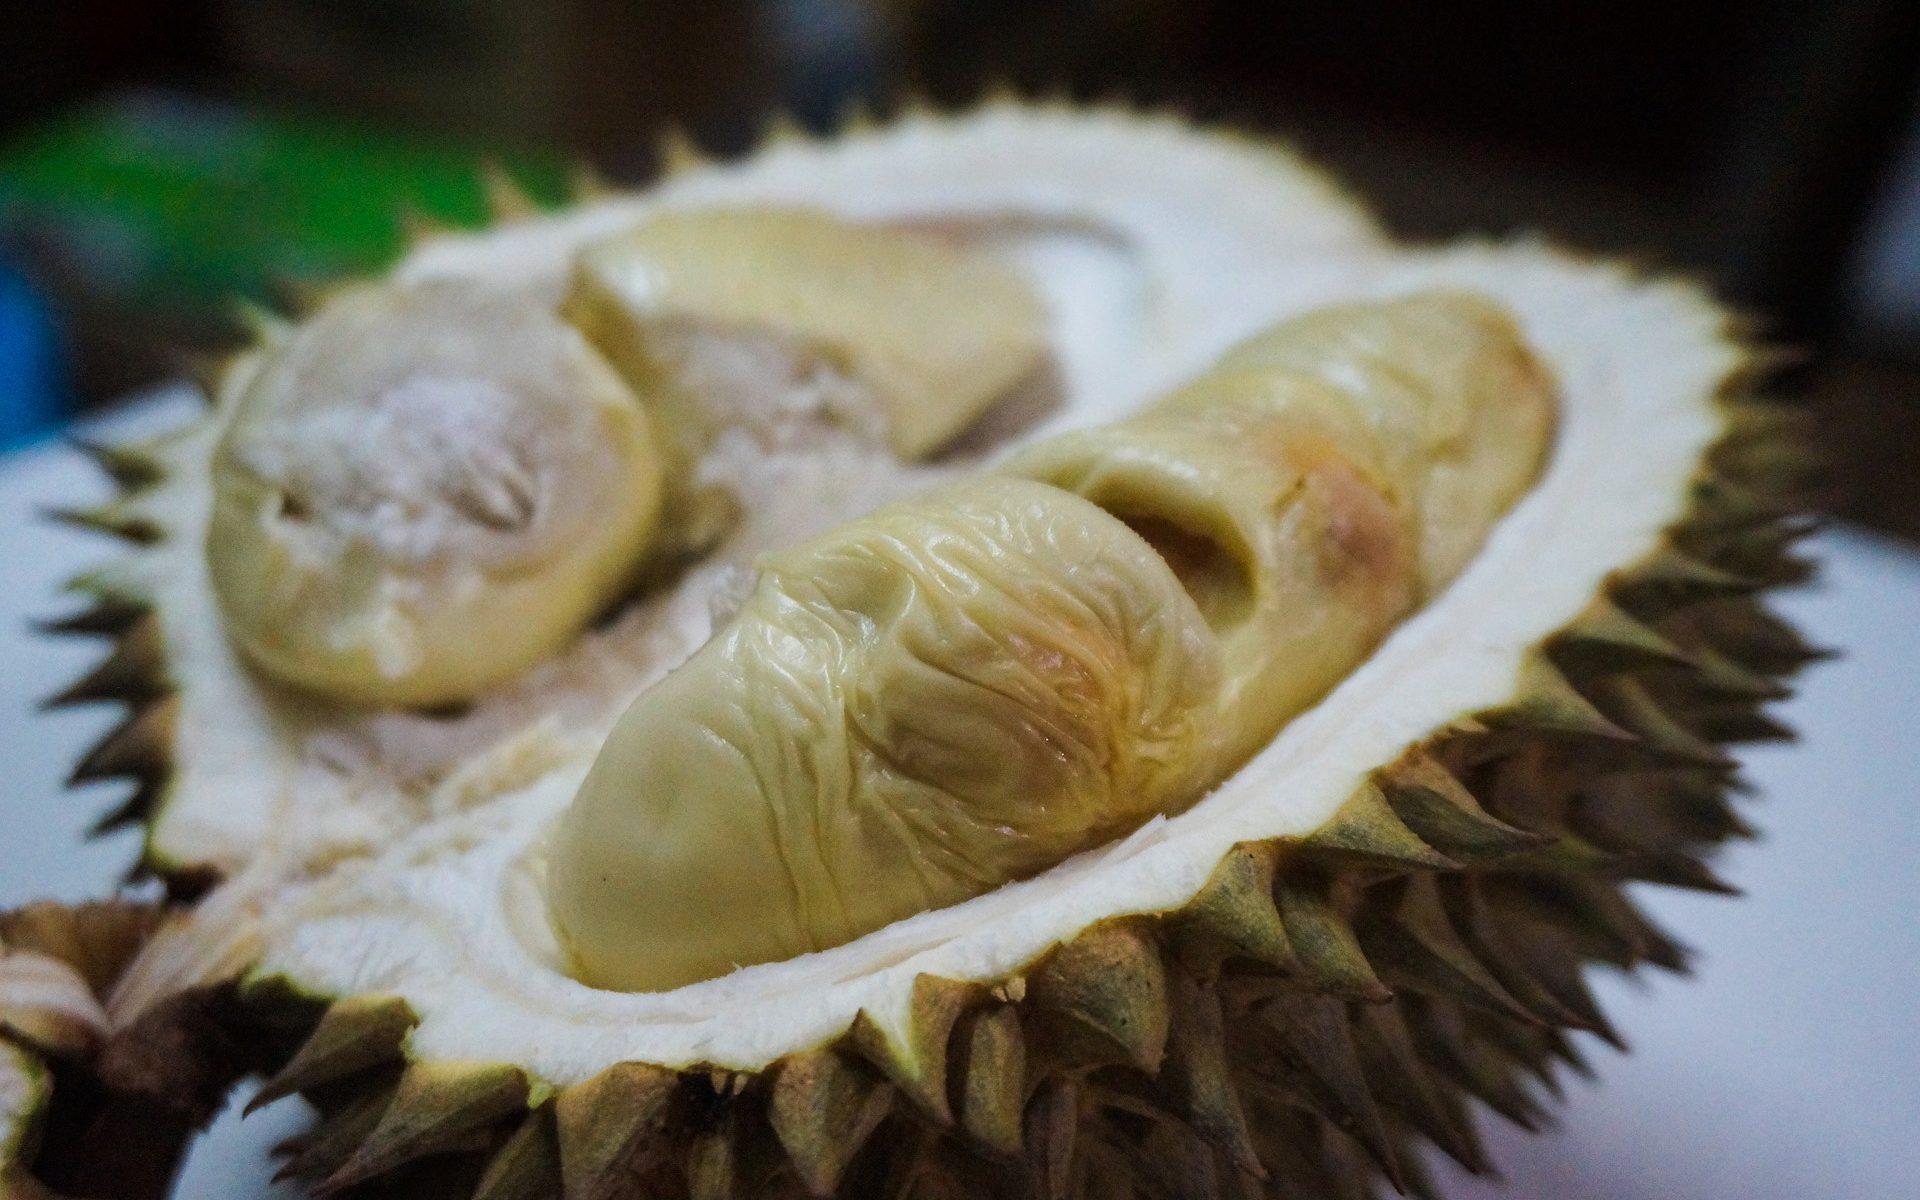 durian fruit 1920x1200 - Bali: Die Durian Frucht